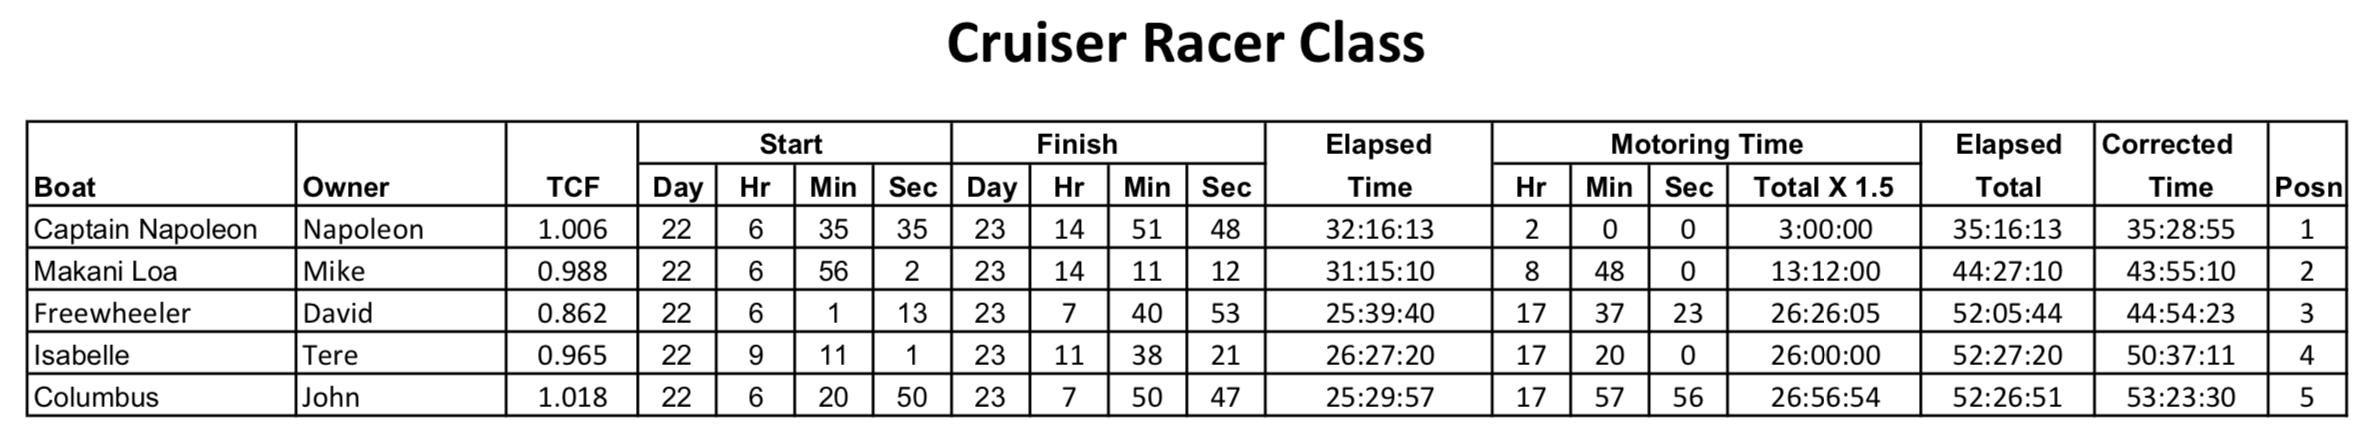 01_cruiser-racer-class